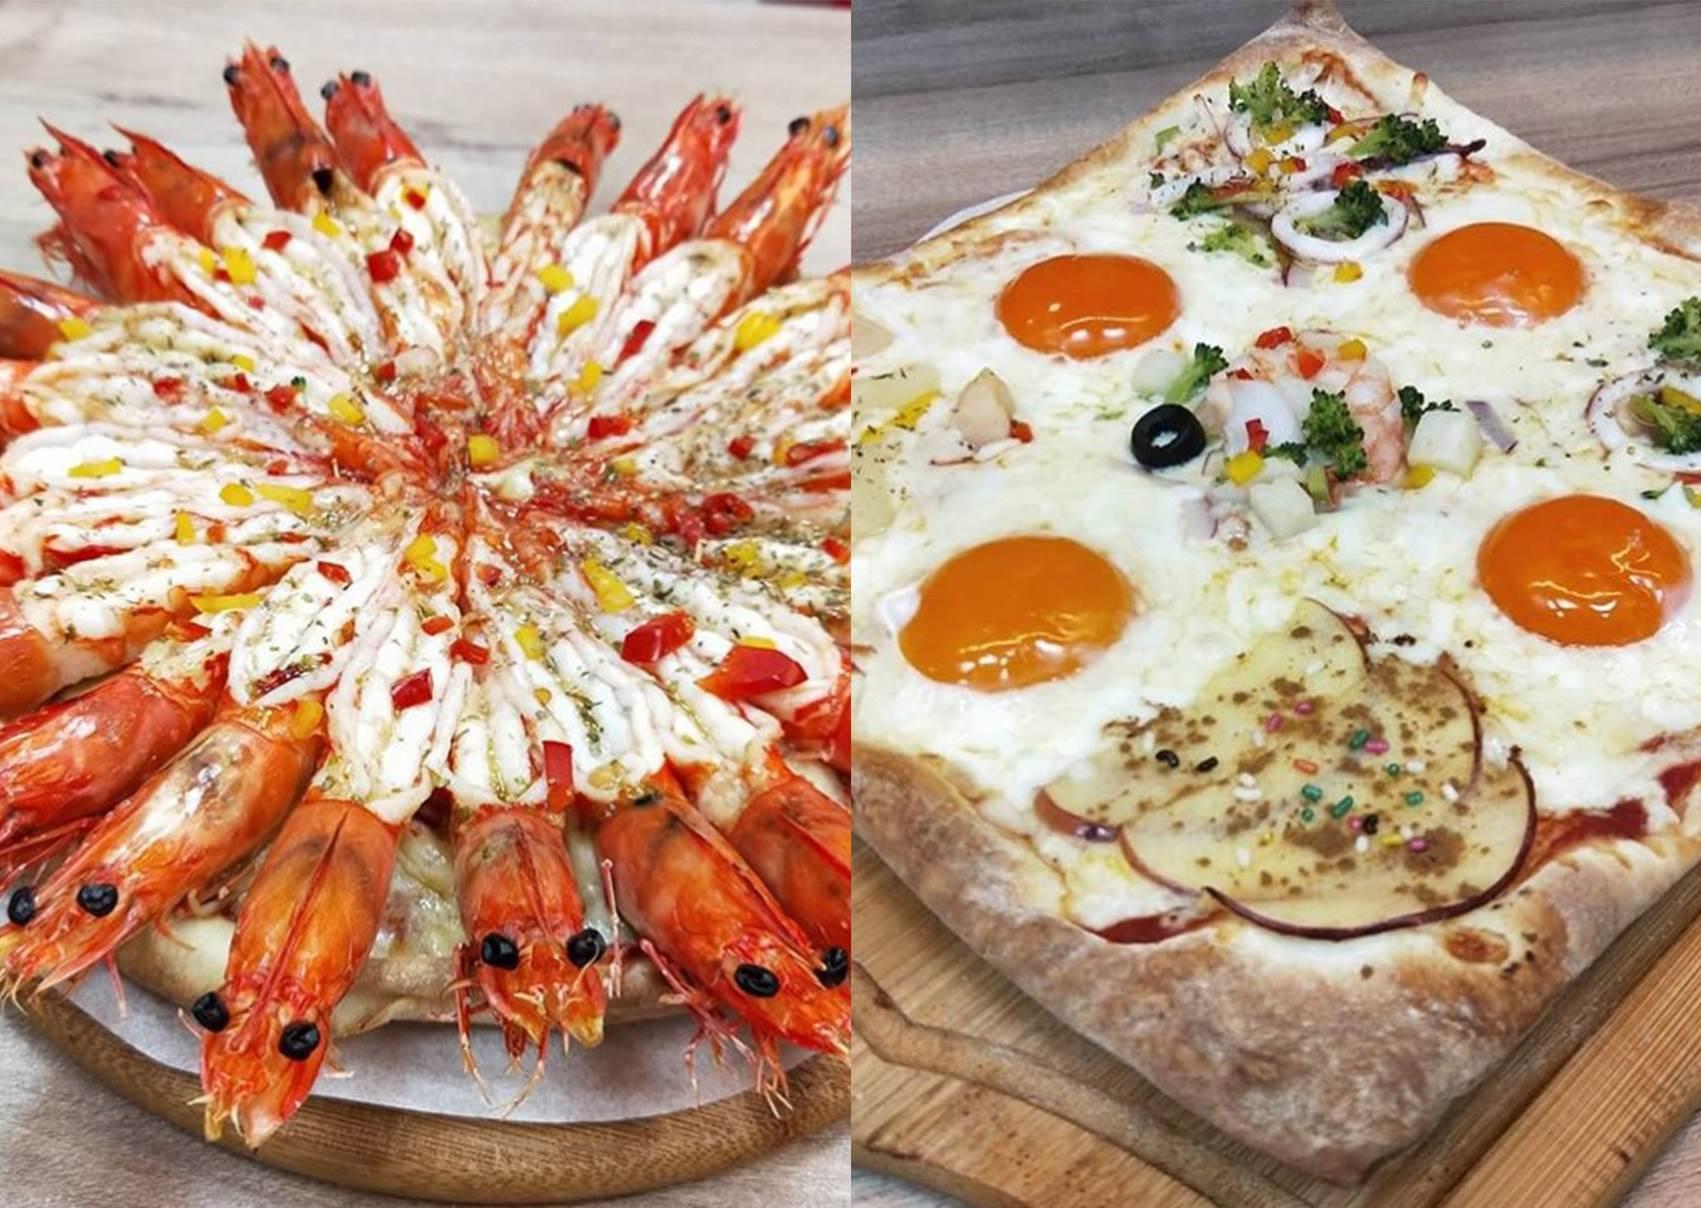 免剝殼蝦子鋪好鋪滿!士林超狂24隻蝦「海大俠披薩」,就算吃到痛風也甘願啊!